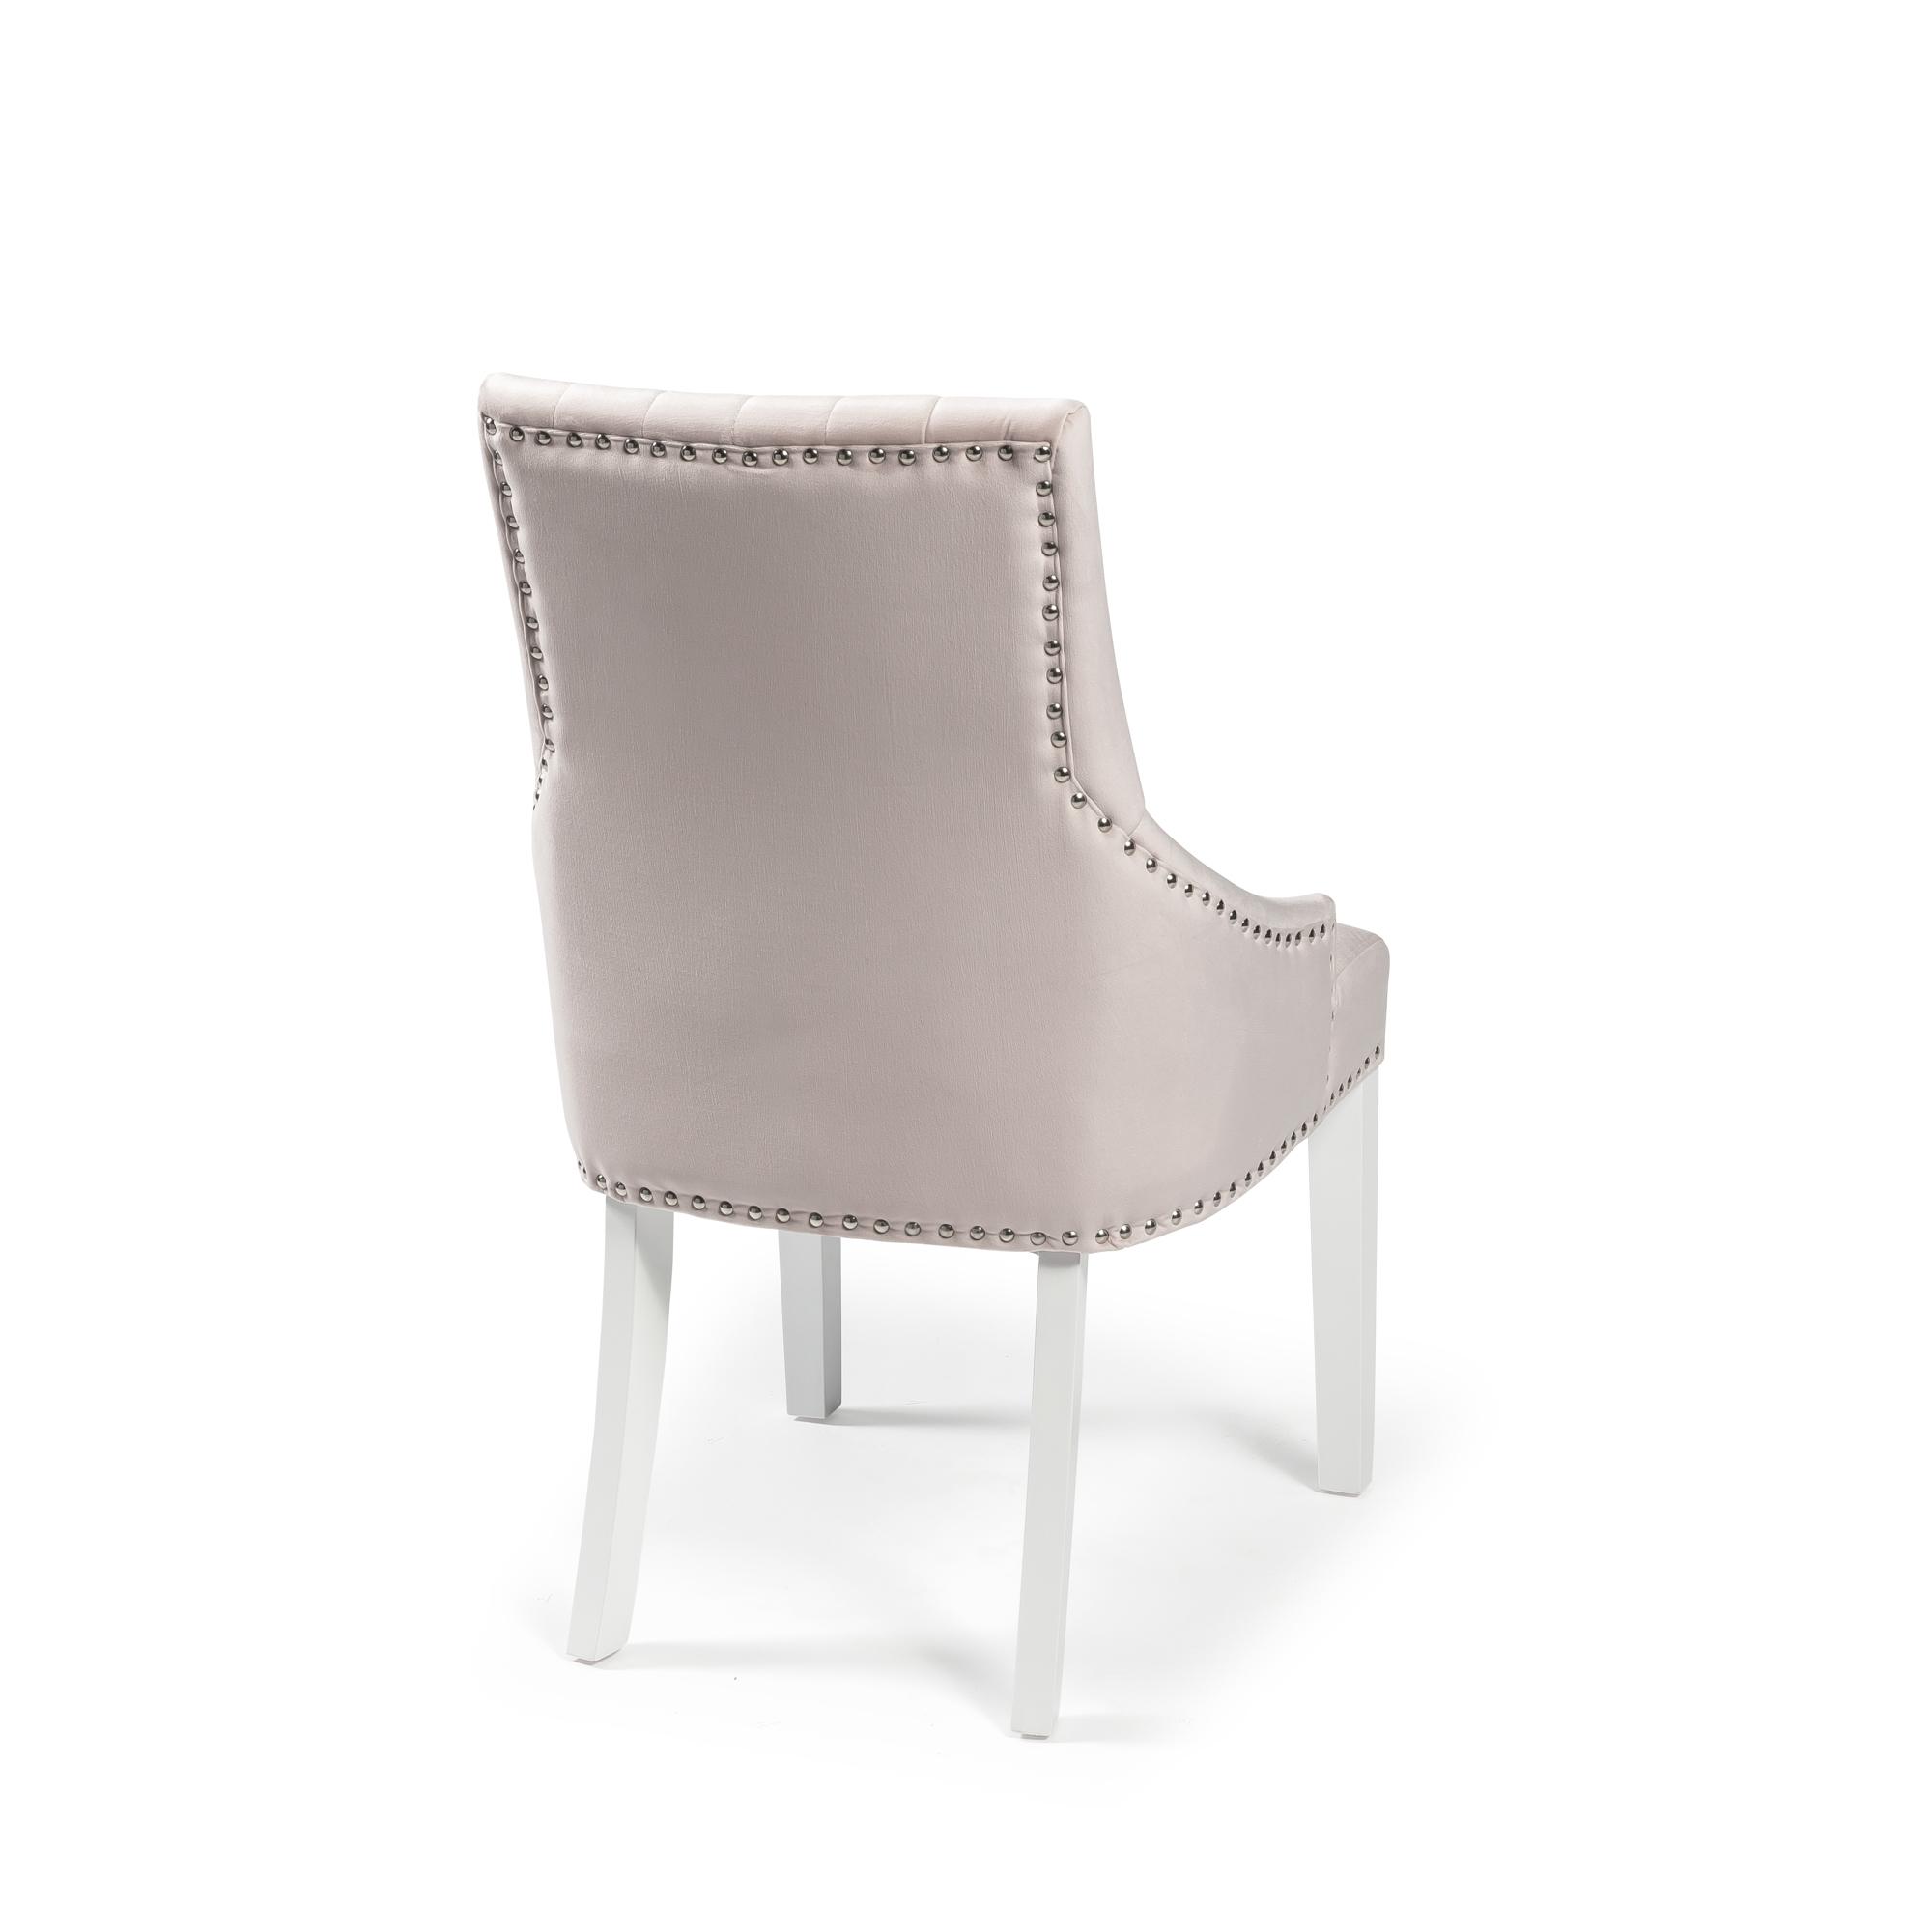 Chelsea Pink Blush Velvet Upholstered Scoop Dining Chair – White Legs – Full Stud (Set of 2)